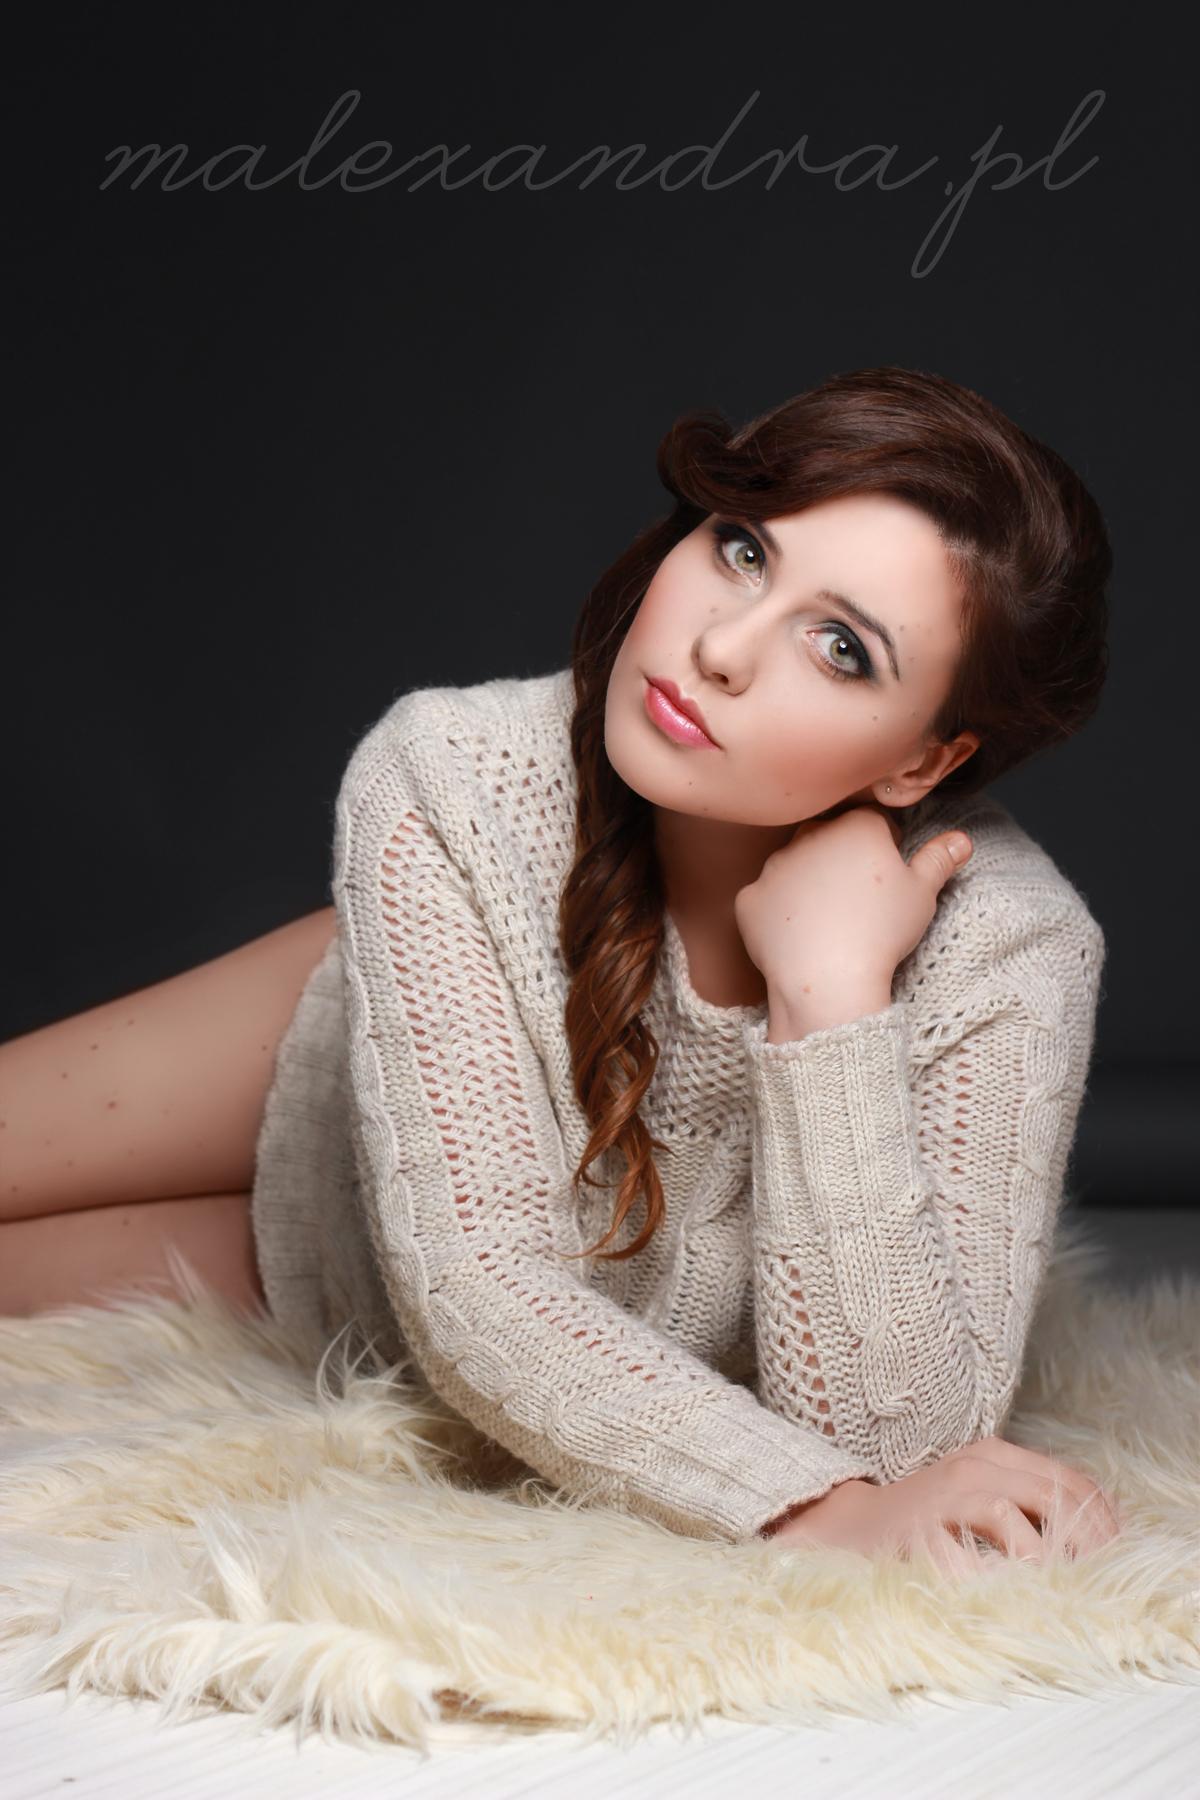 Natalia mini